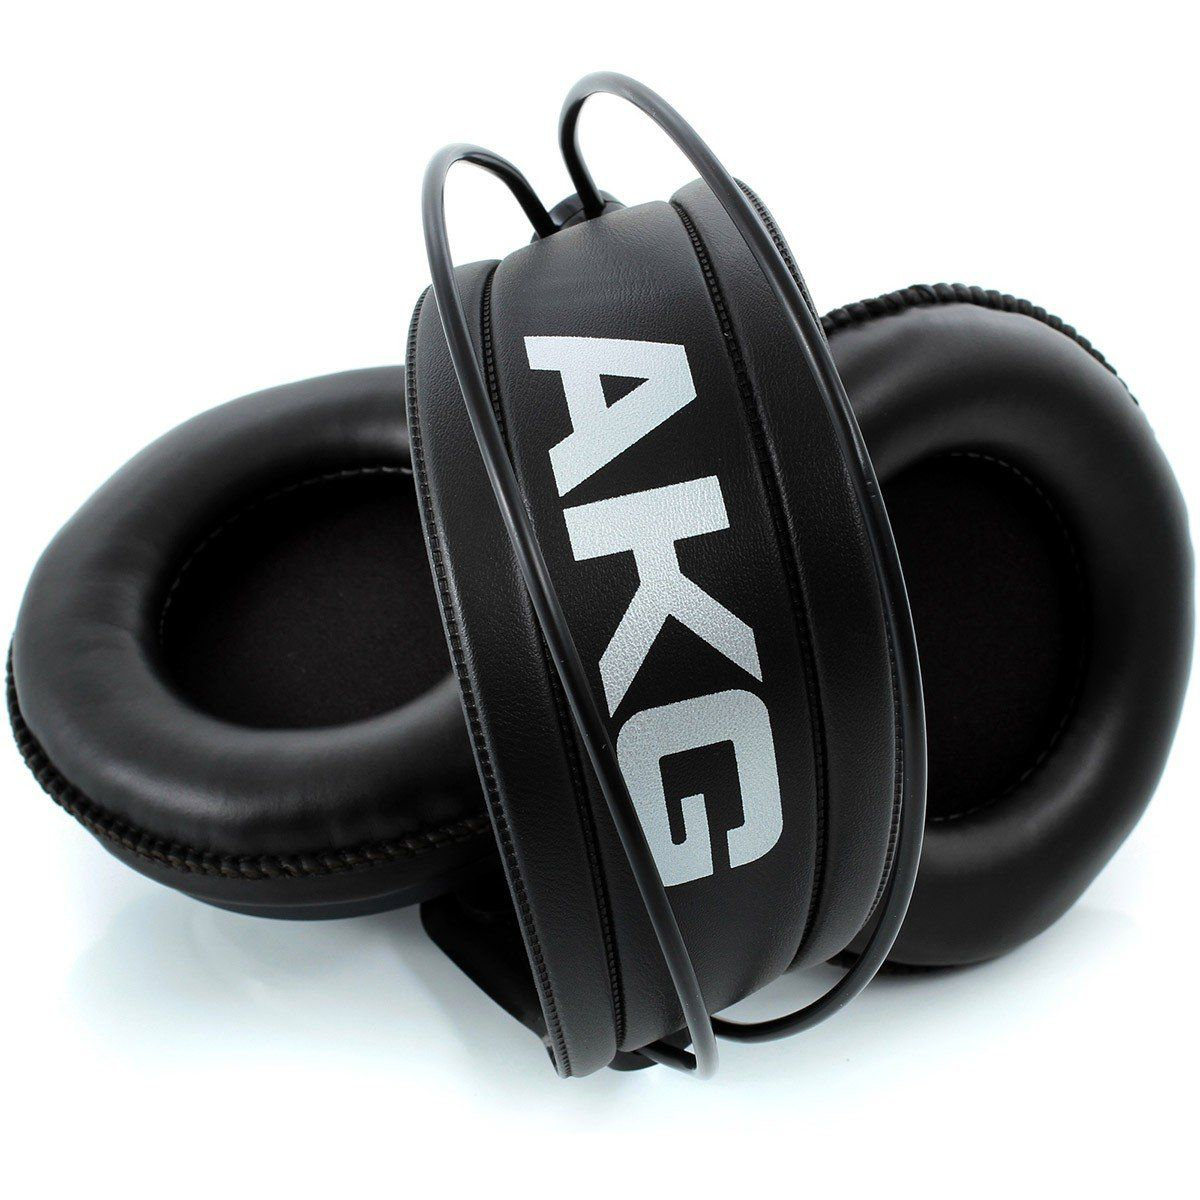 Akg K240 MKII Fone De Ouvido K-240 MK2 Semi-Aberto para Monitoração e Mixagem